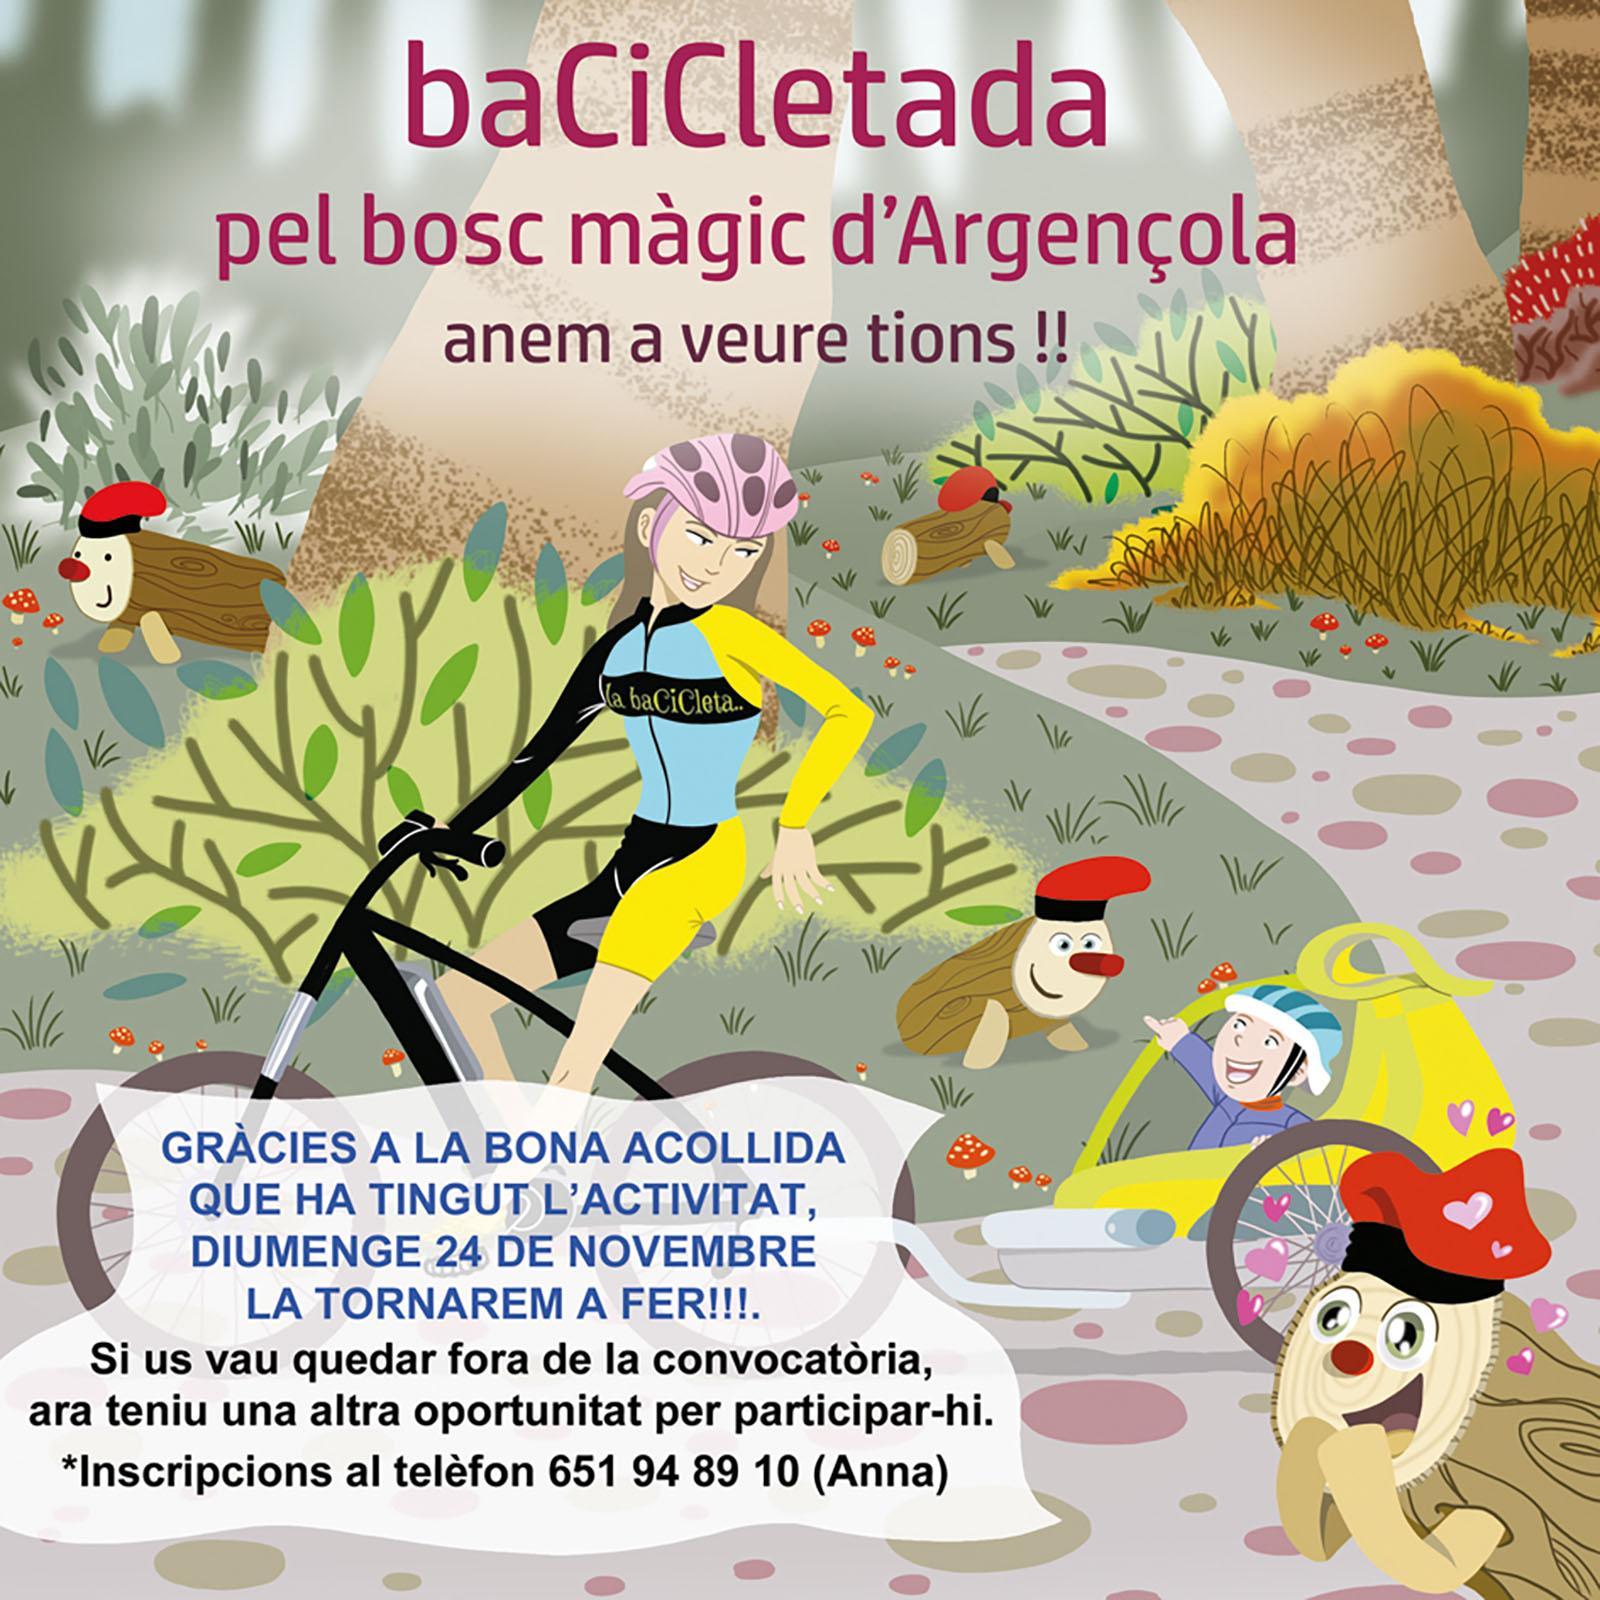 Bacicletada pel bosc màgic d'Argençola. Anem a veure Tions!!